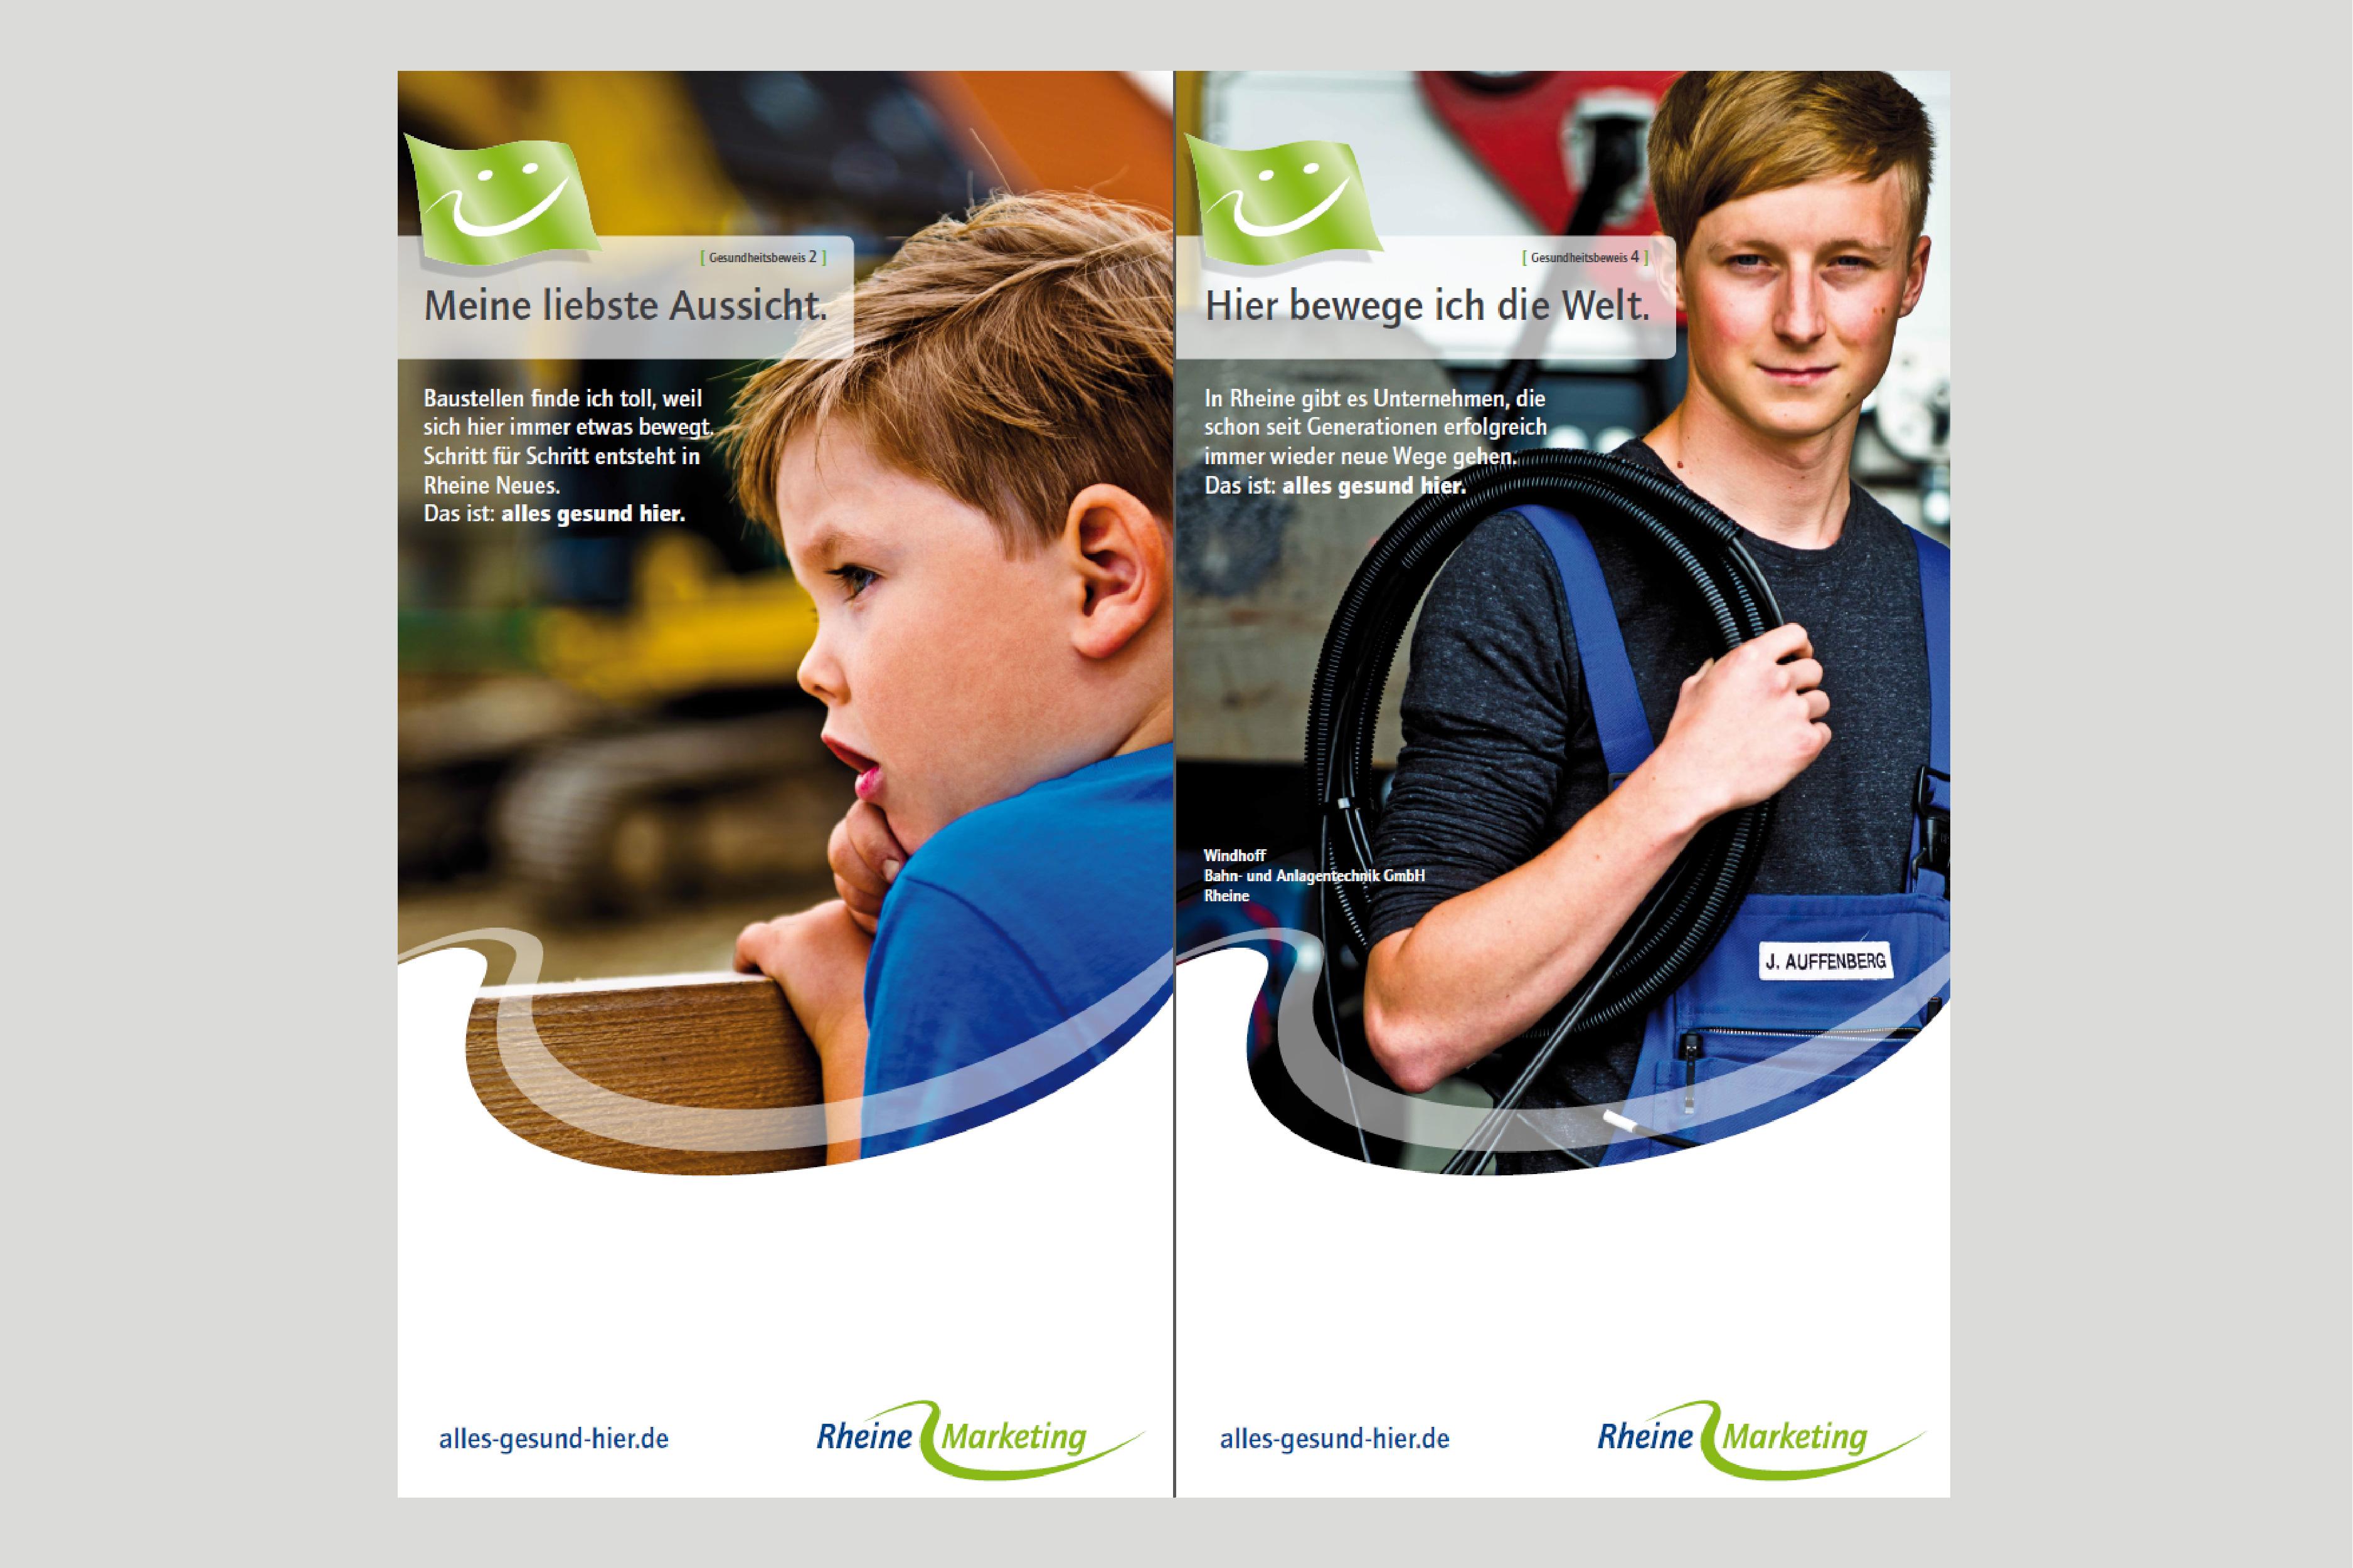 Ausbildung, Rheine Marketing, alles gesund hier, Unternehmen in Rheine, Karriere, Jobs